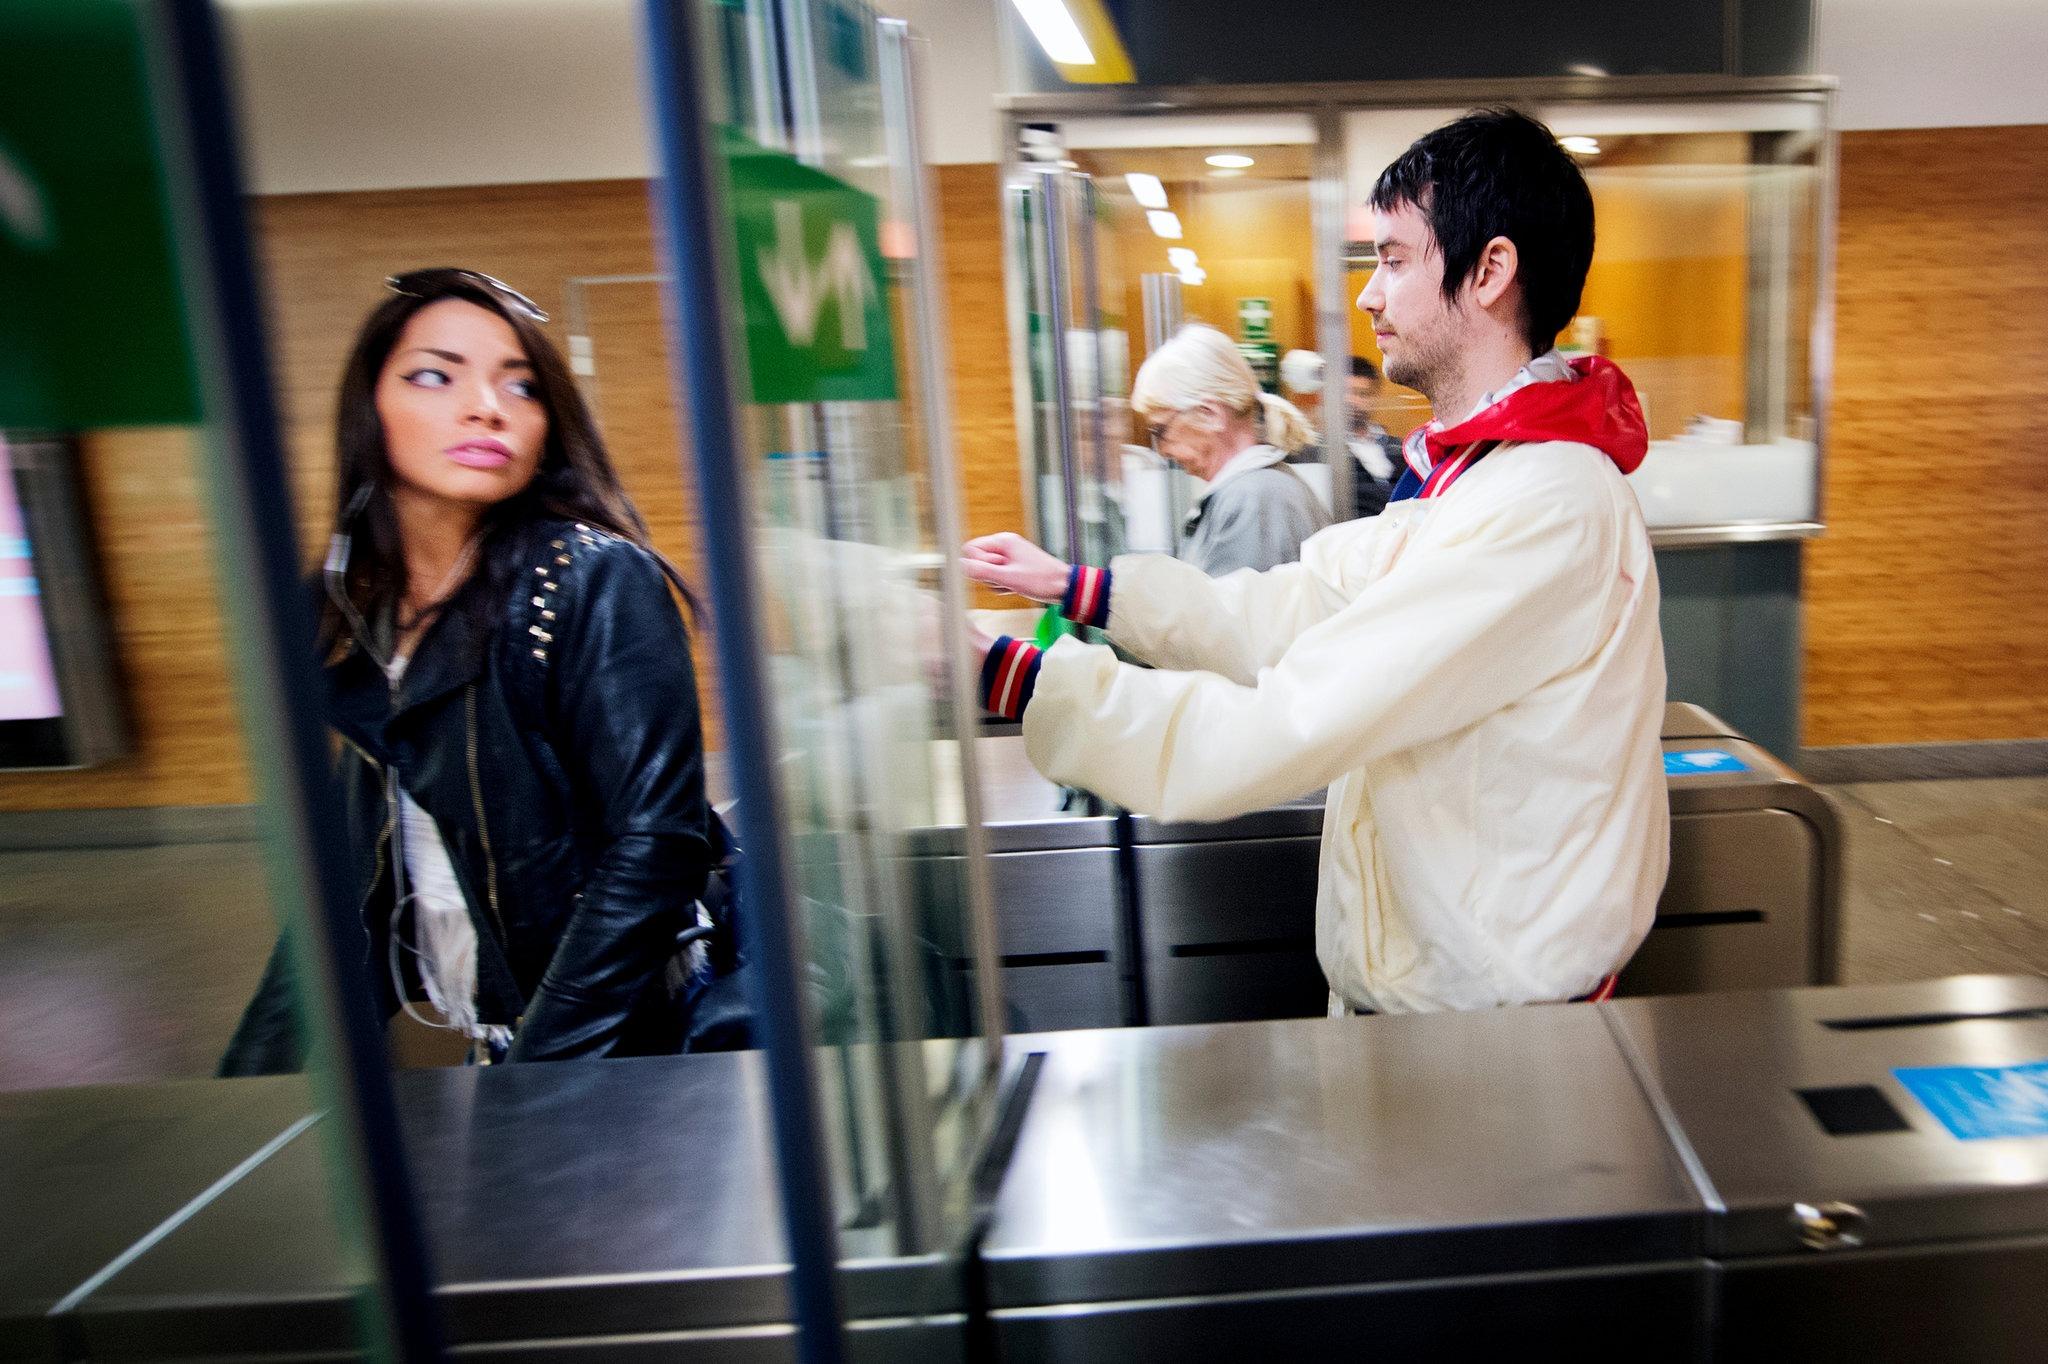 Kāds stokholmietis ielavās metro, ejot cieši aiz par biļeti samaksājušas stokholmietes.